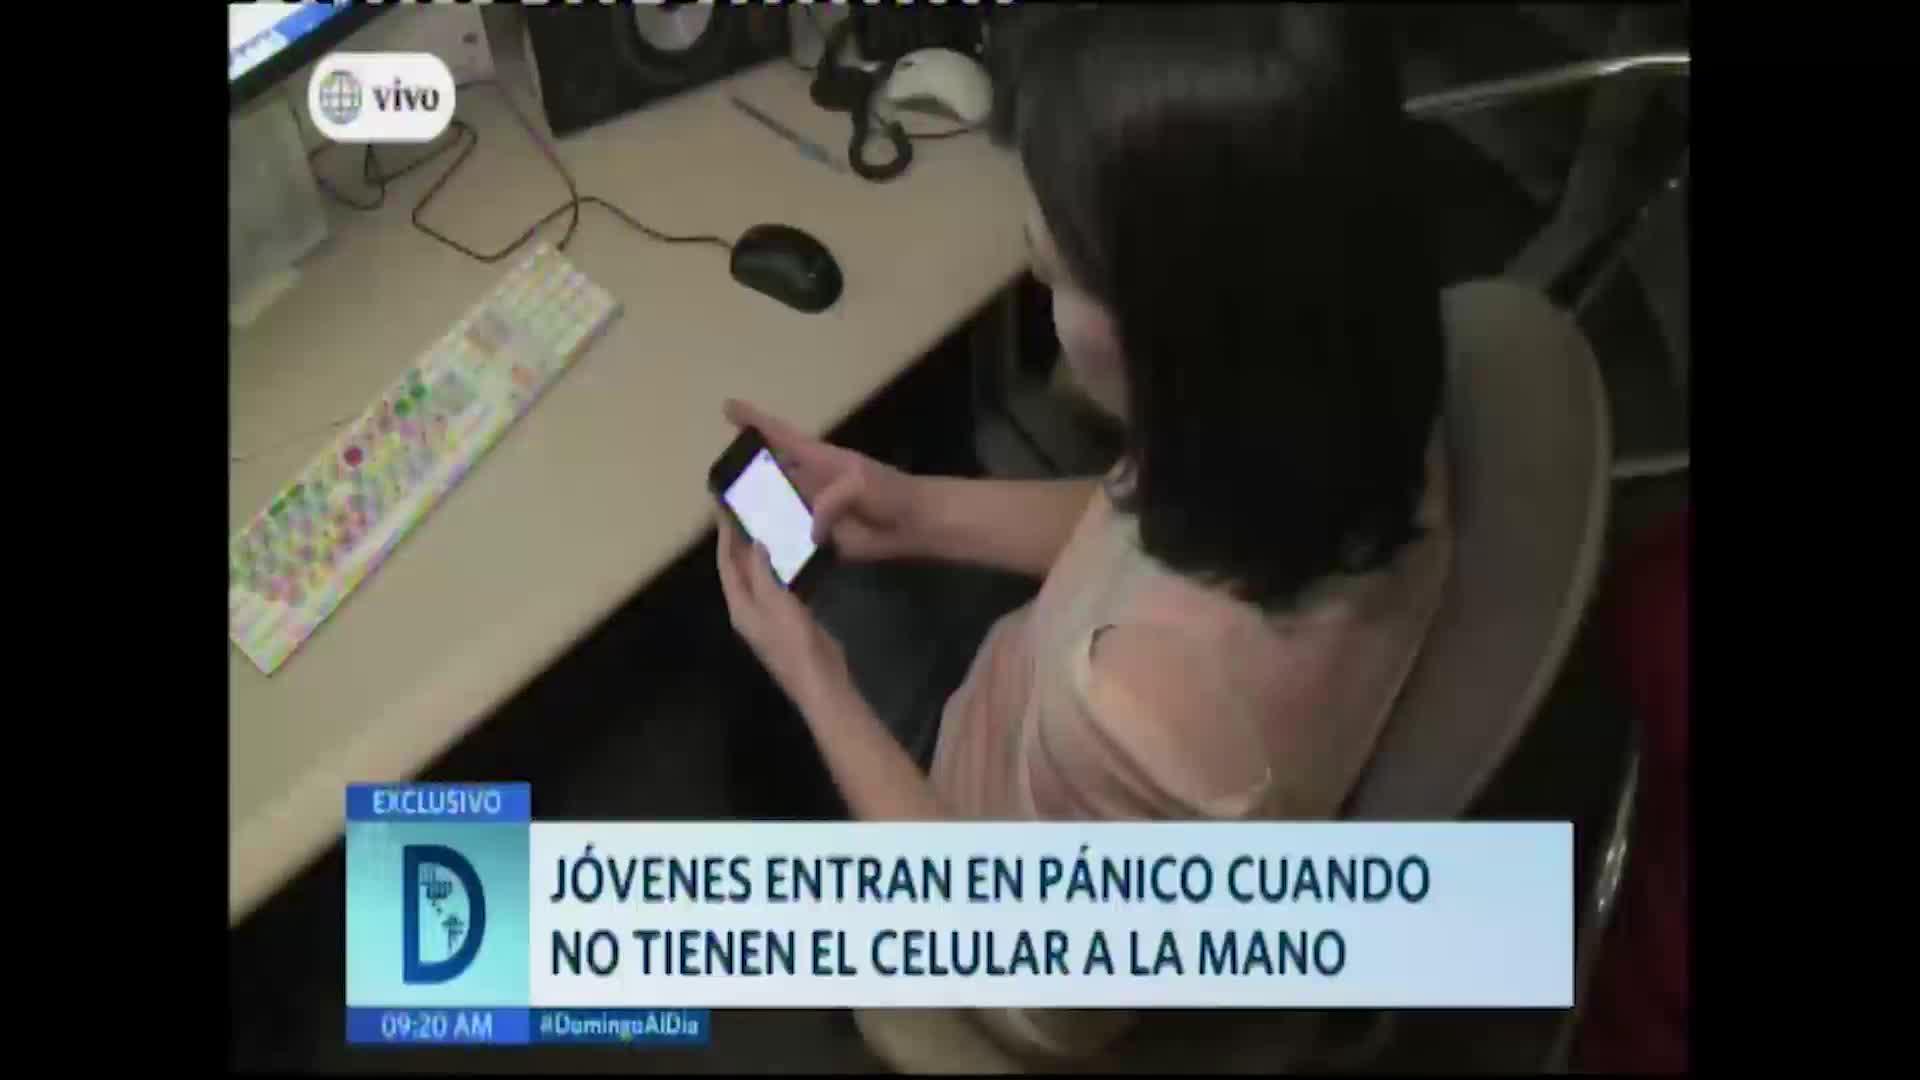 ¡Cuidado! La adicción a los celulares se apodera de todos